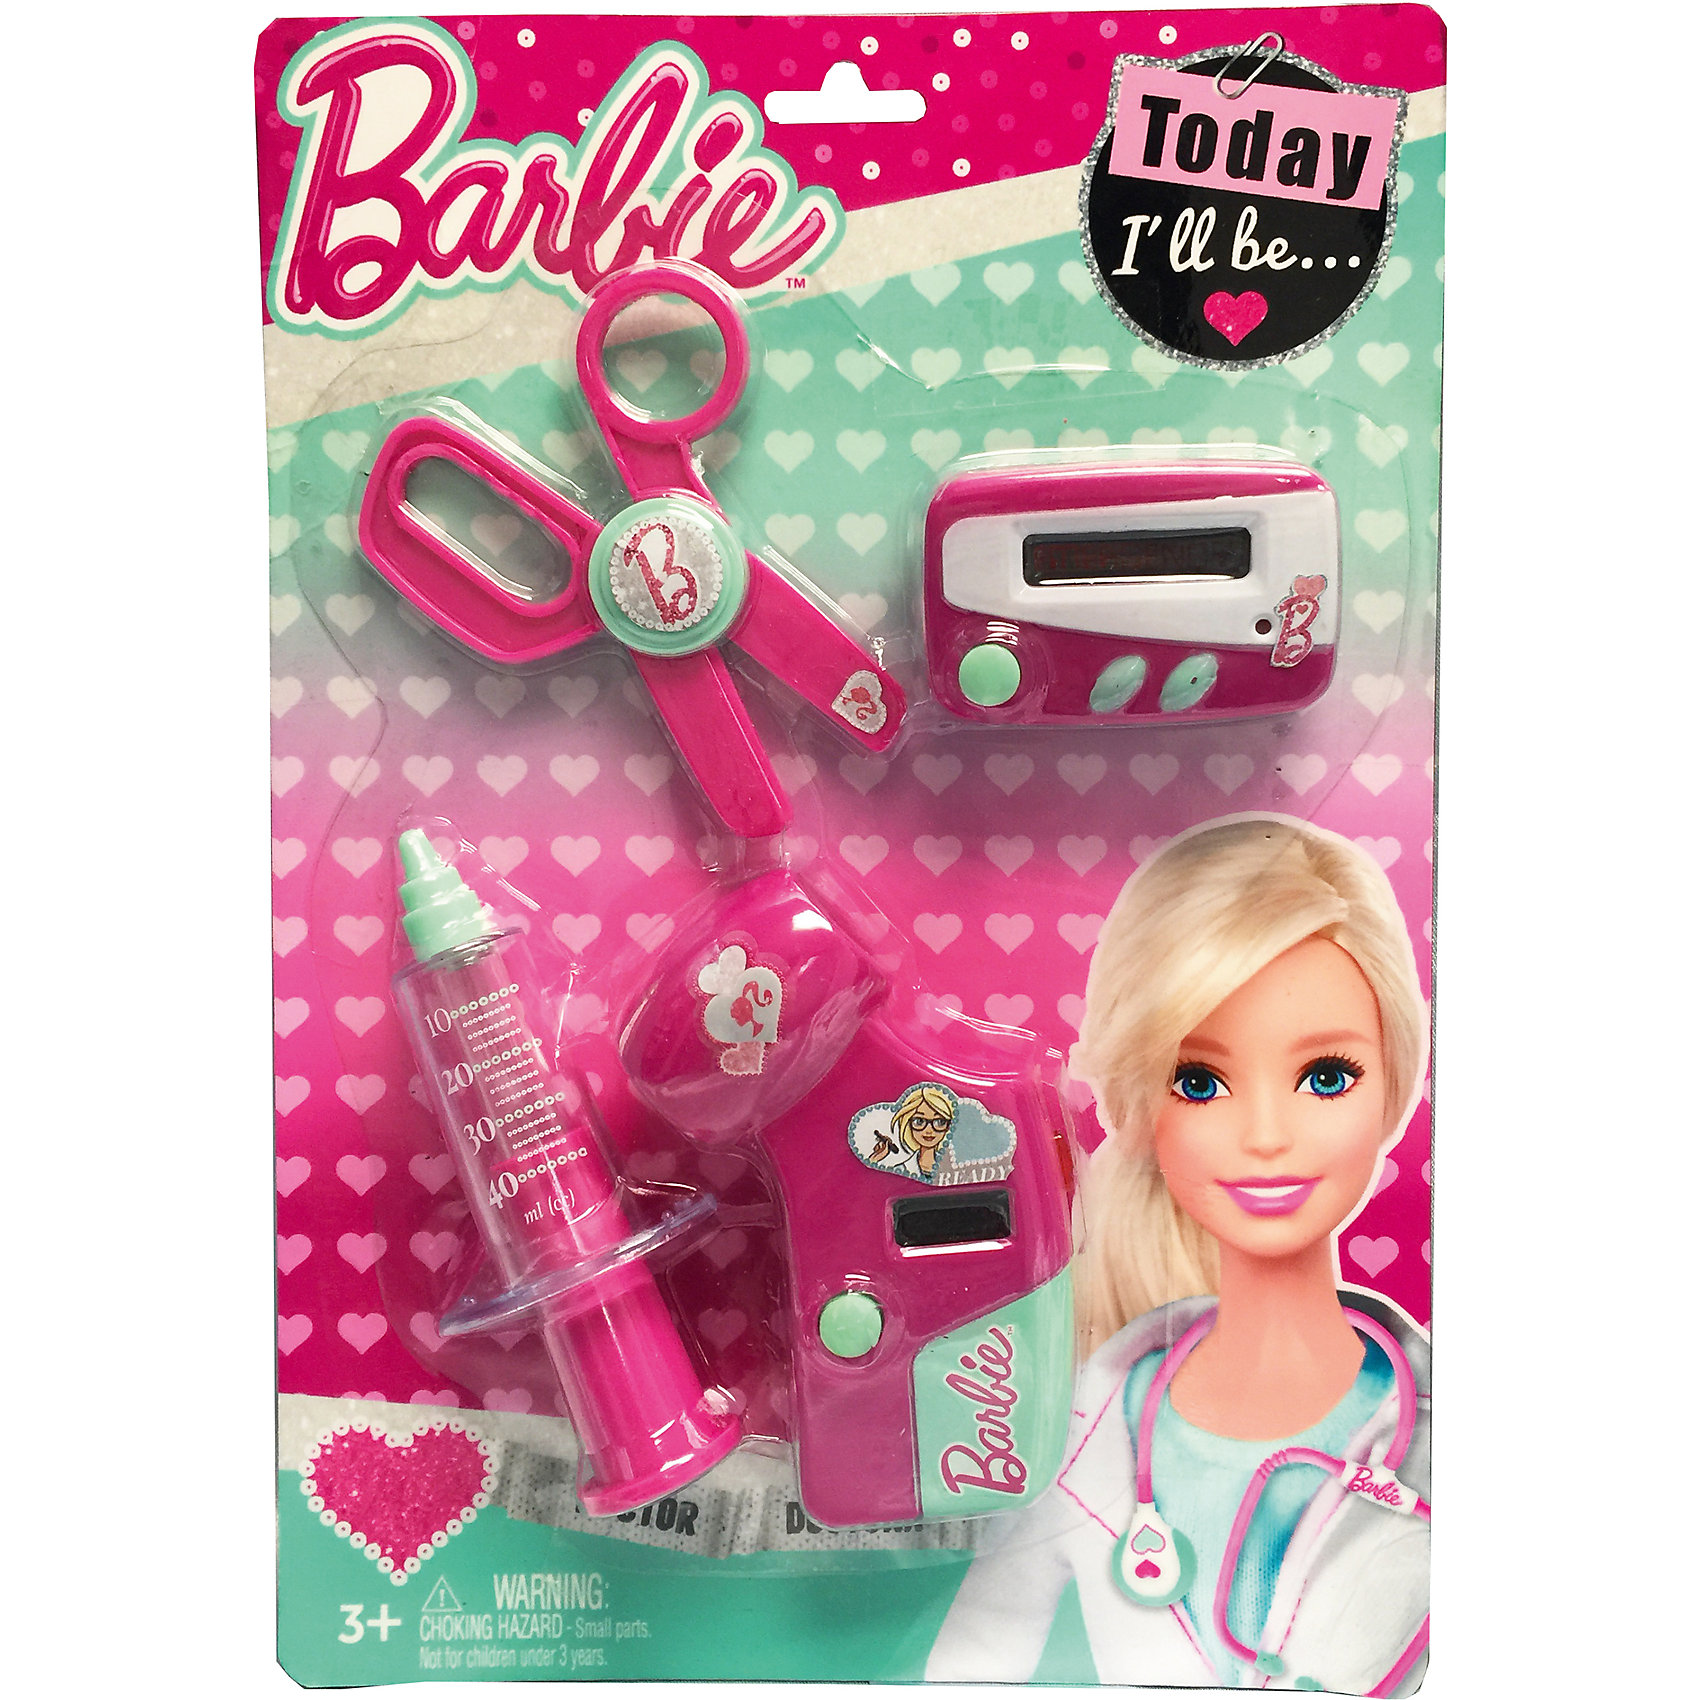 Игровой набор юного доктора на блистере, BarbieСюжетно-ролевые игры<br>Игровой набор юного доктора на блистере, Barbie (Барби).<br><br>Характеристики:<br><br>• Материал: пластик. <br>• Размер упаковки: 30х21х4 см.<br>• Длина электронного термометра - 11 см., длина пейджера - 7 см. <br>• Комплектация: электронный градусник, пейджер, шприц, ножницы. <br>• Звуковые, световые эффекты. <br>• Отличная детализация. <br>• Элемент питания: пейджер - 2 батарейки AG13 (не входят в комплект); термометр - 2 батарейки AG10 (входят в комплект). <br>• Яркий привлекательный дизайн.<br><br>С этим ярким набором врача ваша девочка почувствует себя самым настоящим доктором. Все аксессуары отлично детализированы и хорошо проработаны, очень похожи на медицинские инструменты. Игрушки изготовлены из экологичного пластика, в производстве которого использованы только безопасные нетоксичные красители.<br><br>Игровой набор юного доктора на блистере, Barbie (Барби), можно купить в нашем интернет-магазине.<br><br>Ширина мм: 210<br>Глубина мм: 310<br>Высота мм: 300<br>Вес г: 170<br>Возраст от месяцев: 36<br>Возраст до месяцев: 2147483647<br>Пол: Женский<br>Возраст: Детский<br>SKU: 5238929